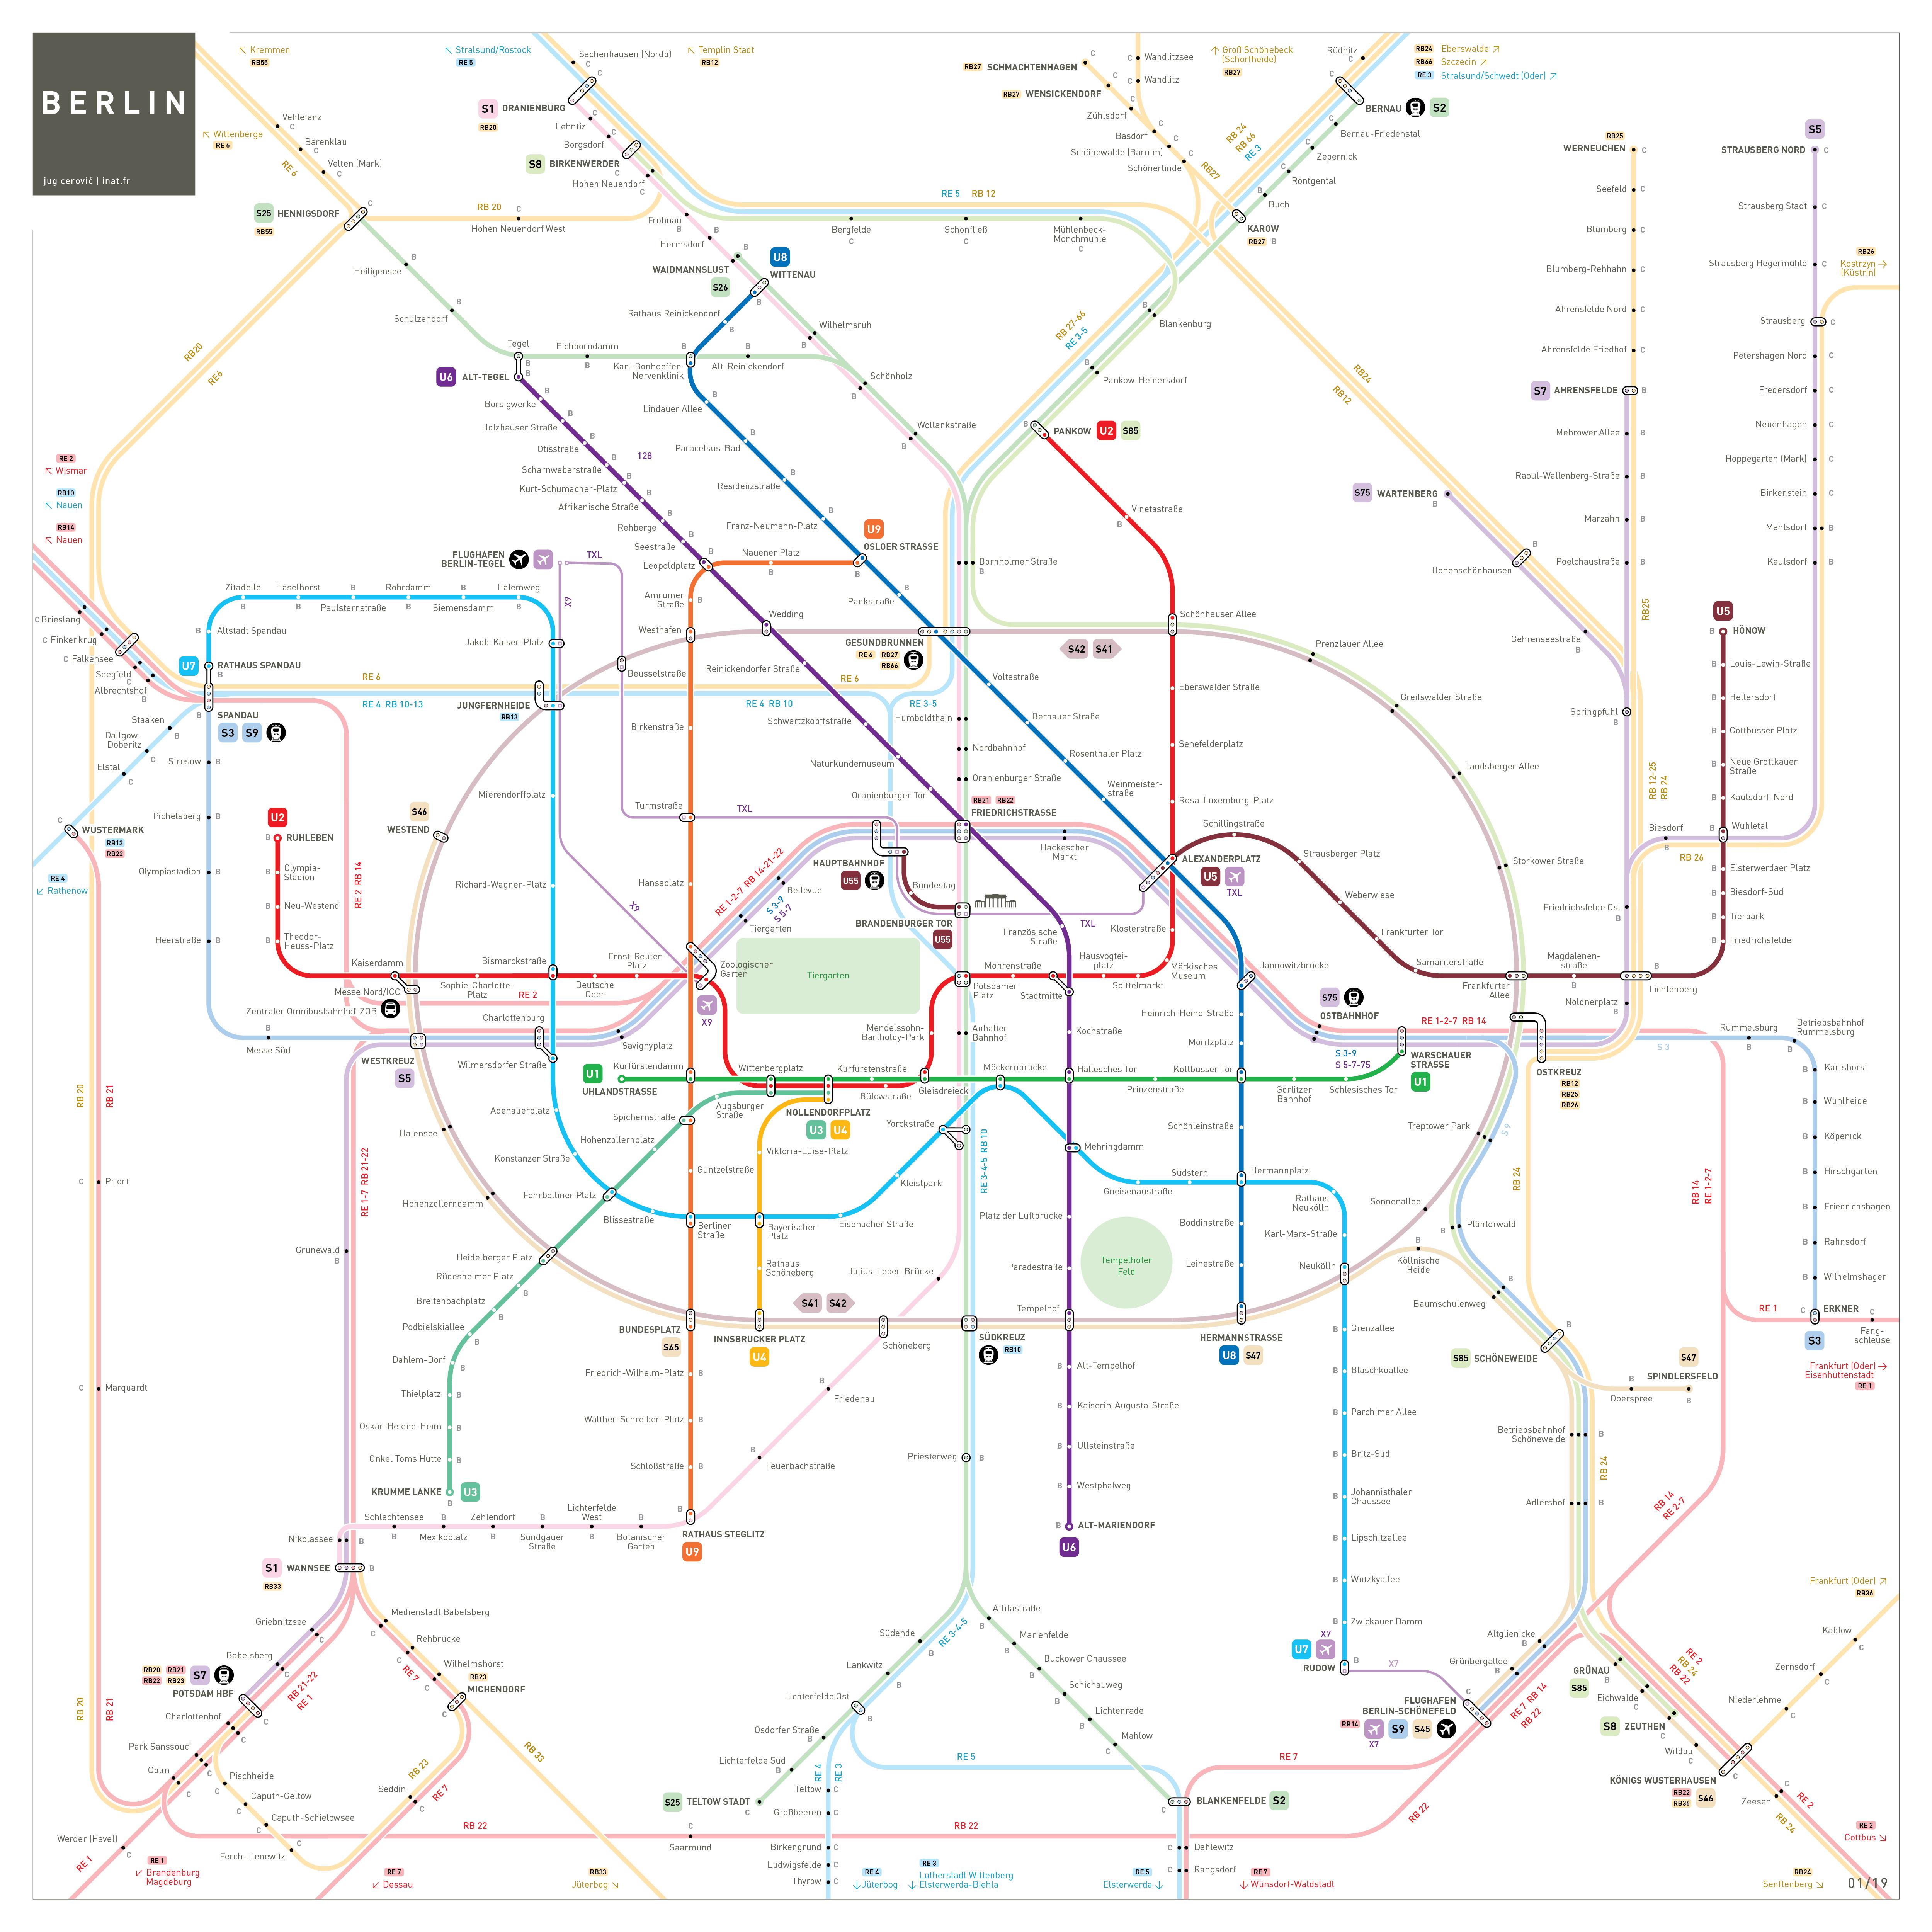 Prächtig Berlin S-Bahn U-Bahn Map : inat &RY_72